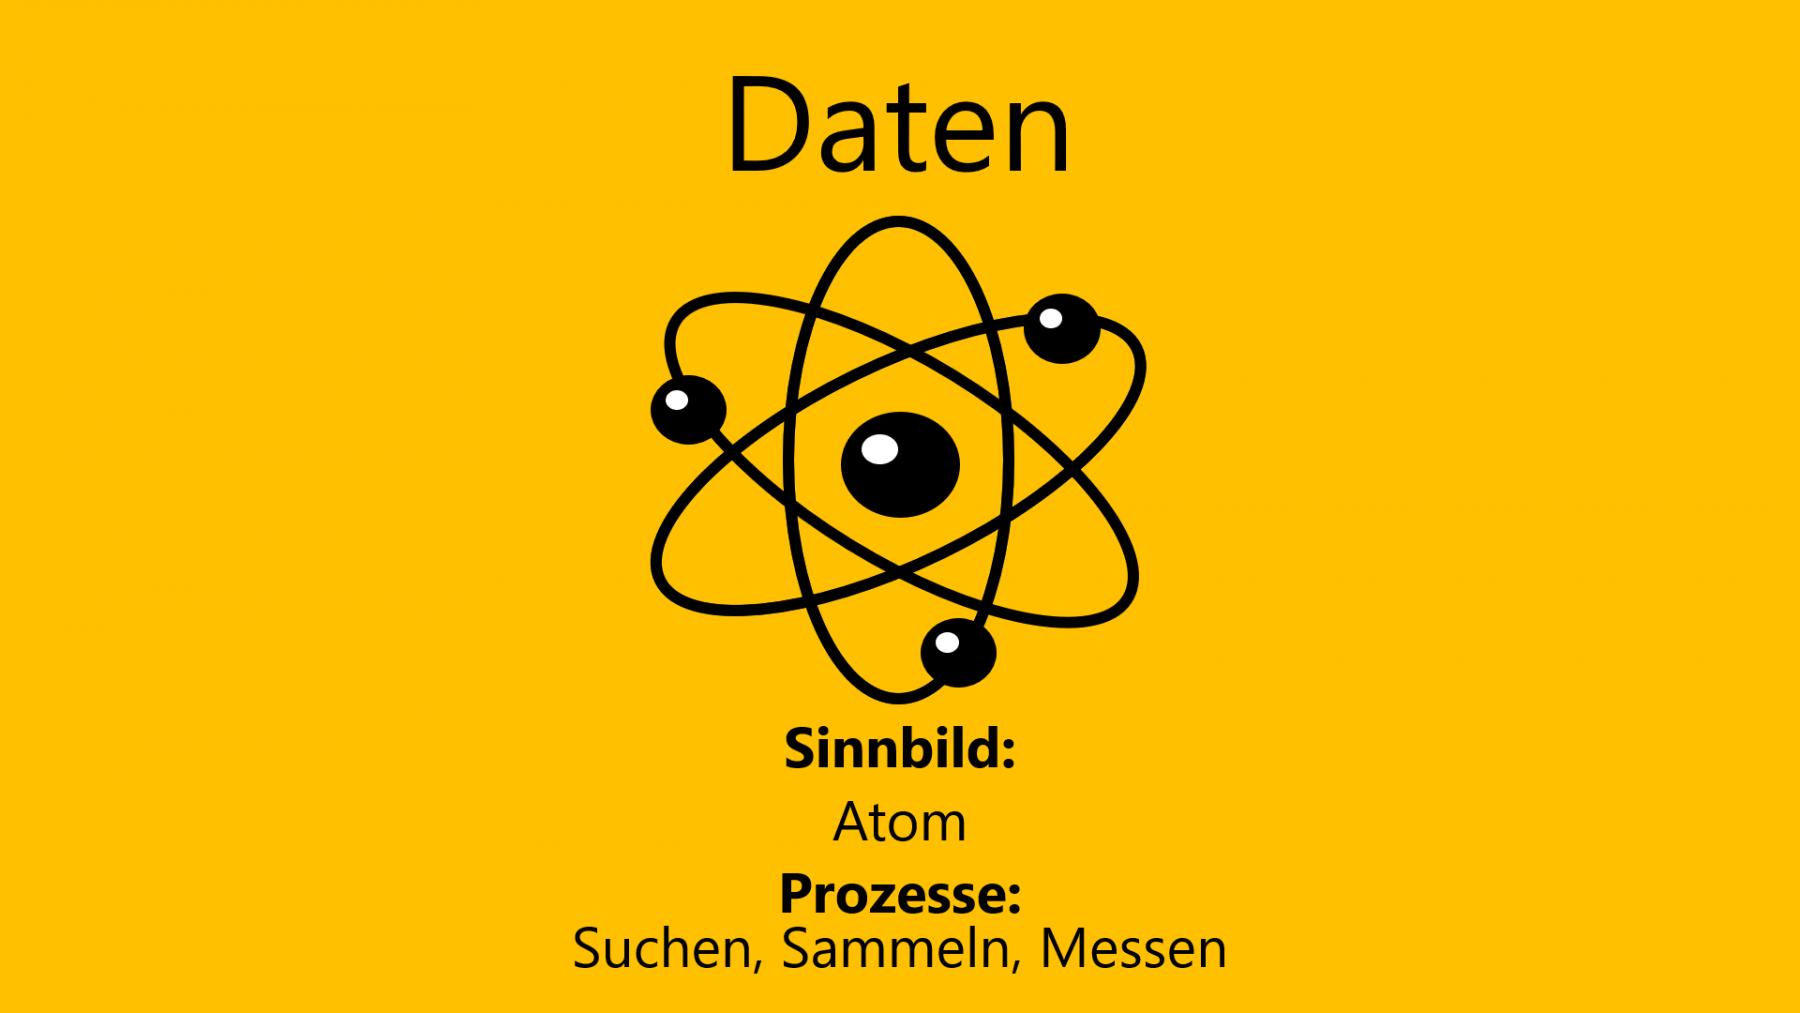 Daten-zu-Wissen-03